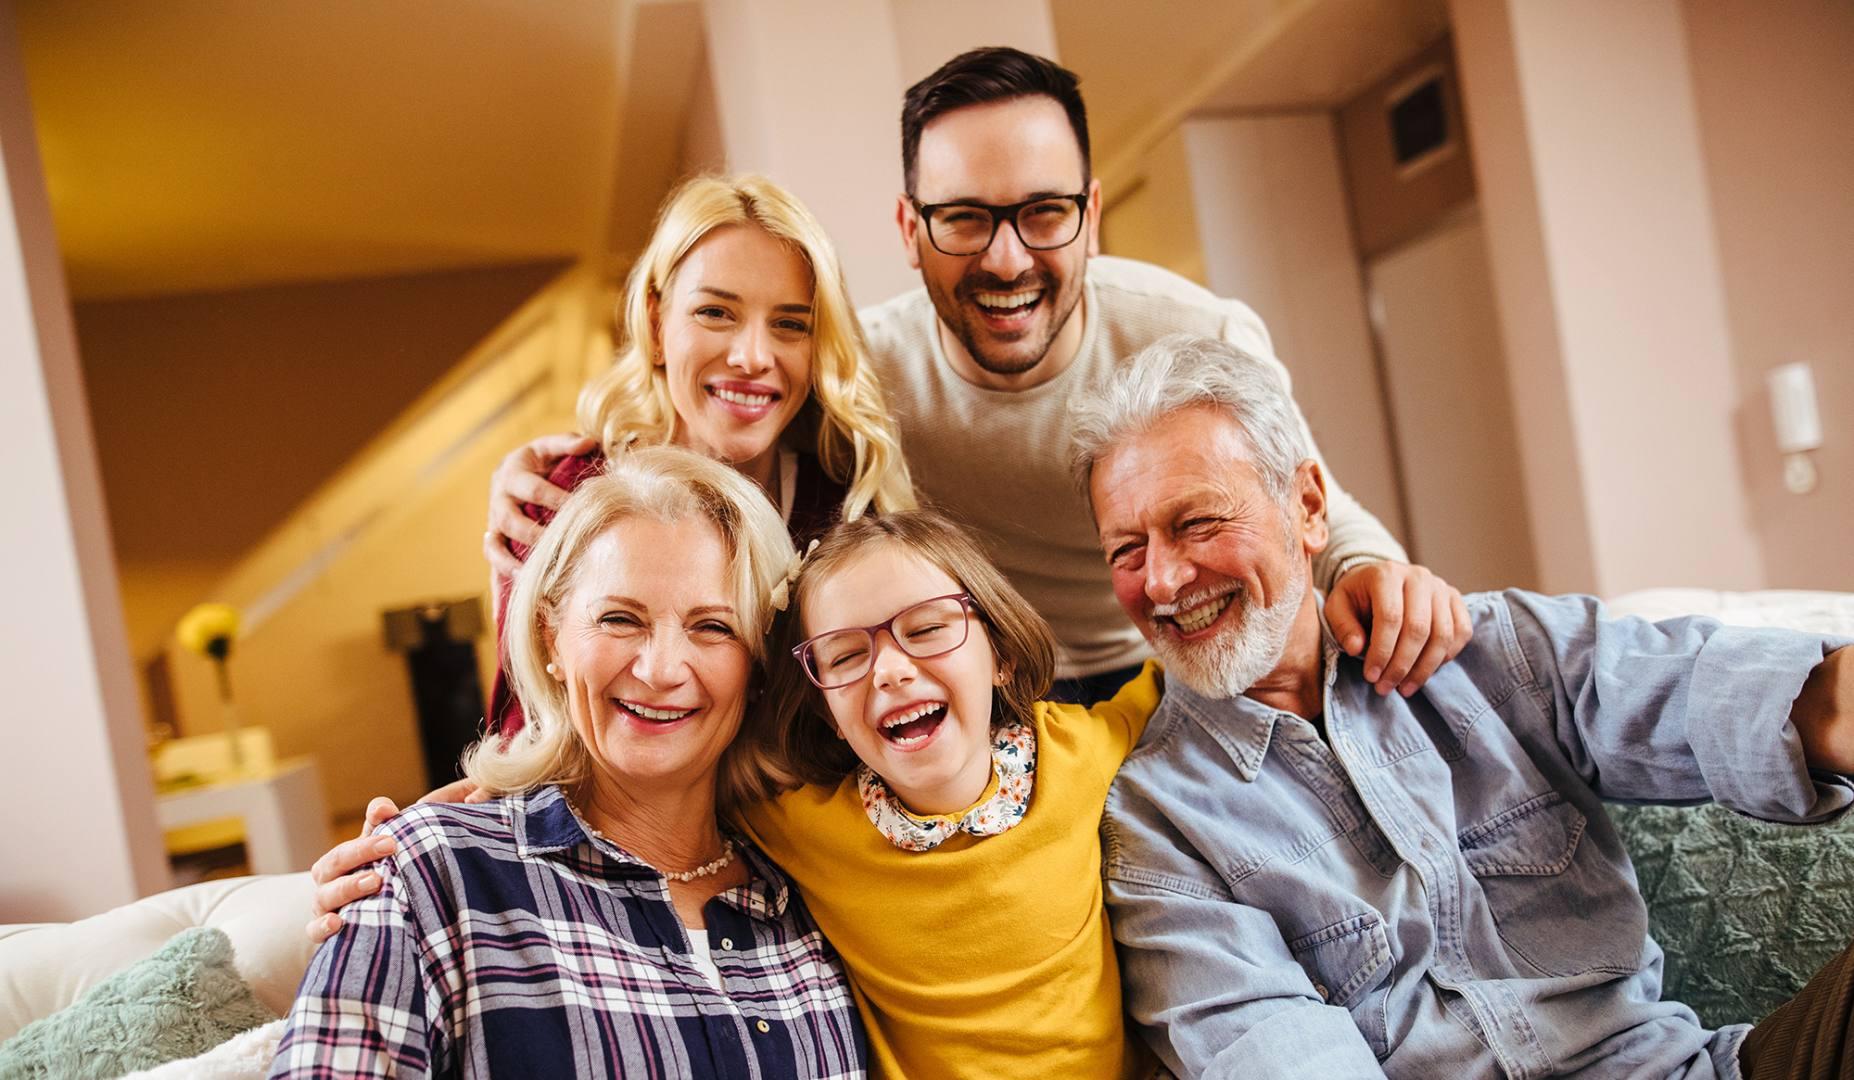 Szczęśliwa i spokojna o swoją przyszłość pięciosobowa rodzina uśmiecha się do zdjęcia